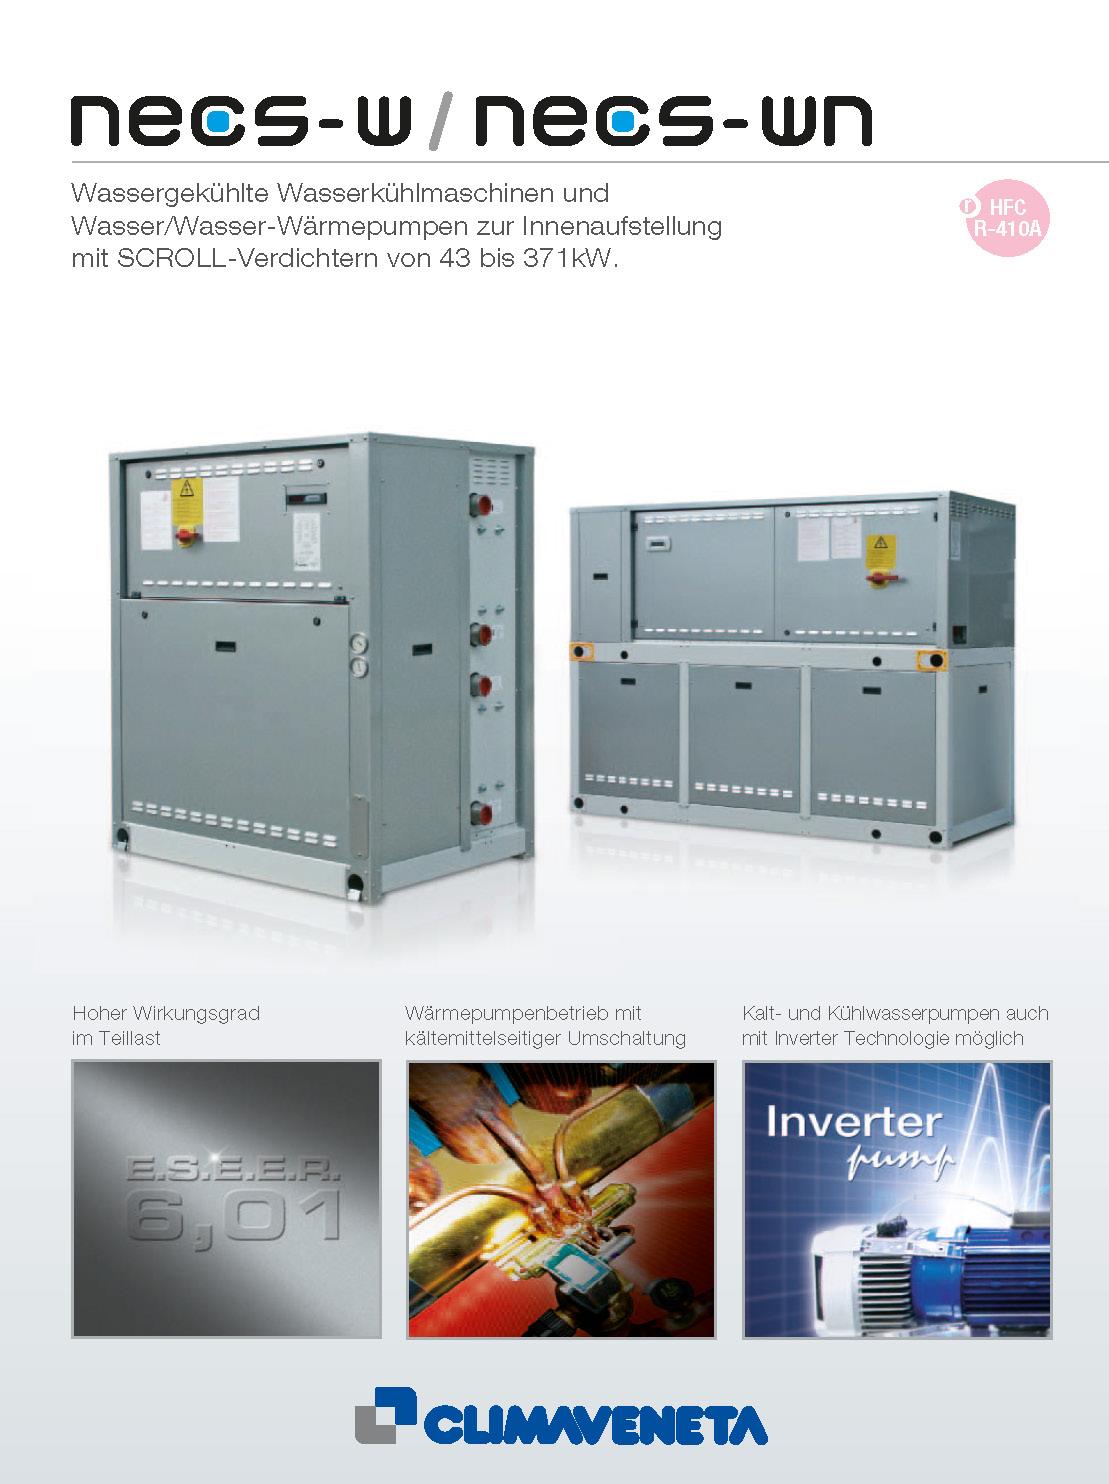 Wassergekühlte Wasserkühlmaschinen und Wasser/Wasser-Wärmepumpen zur Innenaufstellung mit SCROLL-Verdichtern